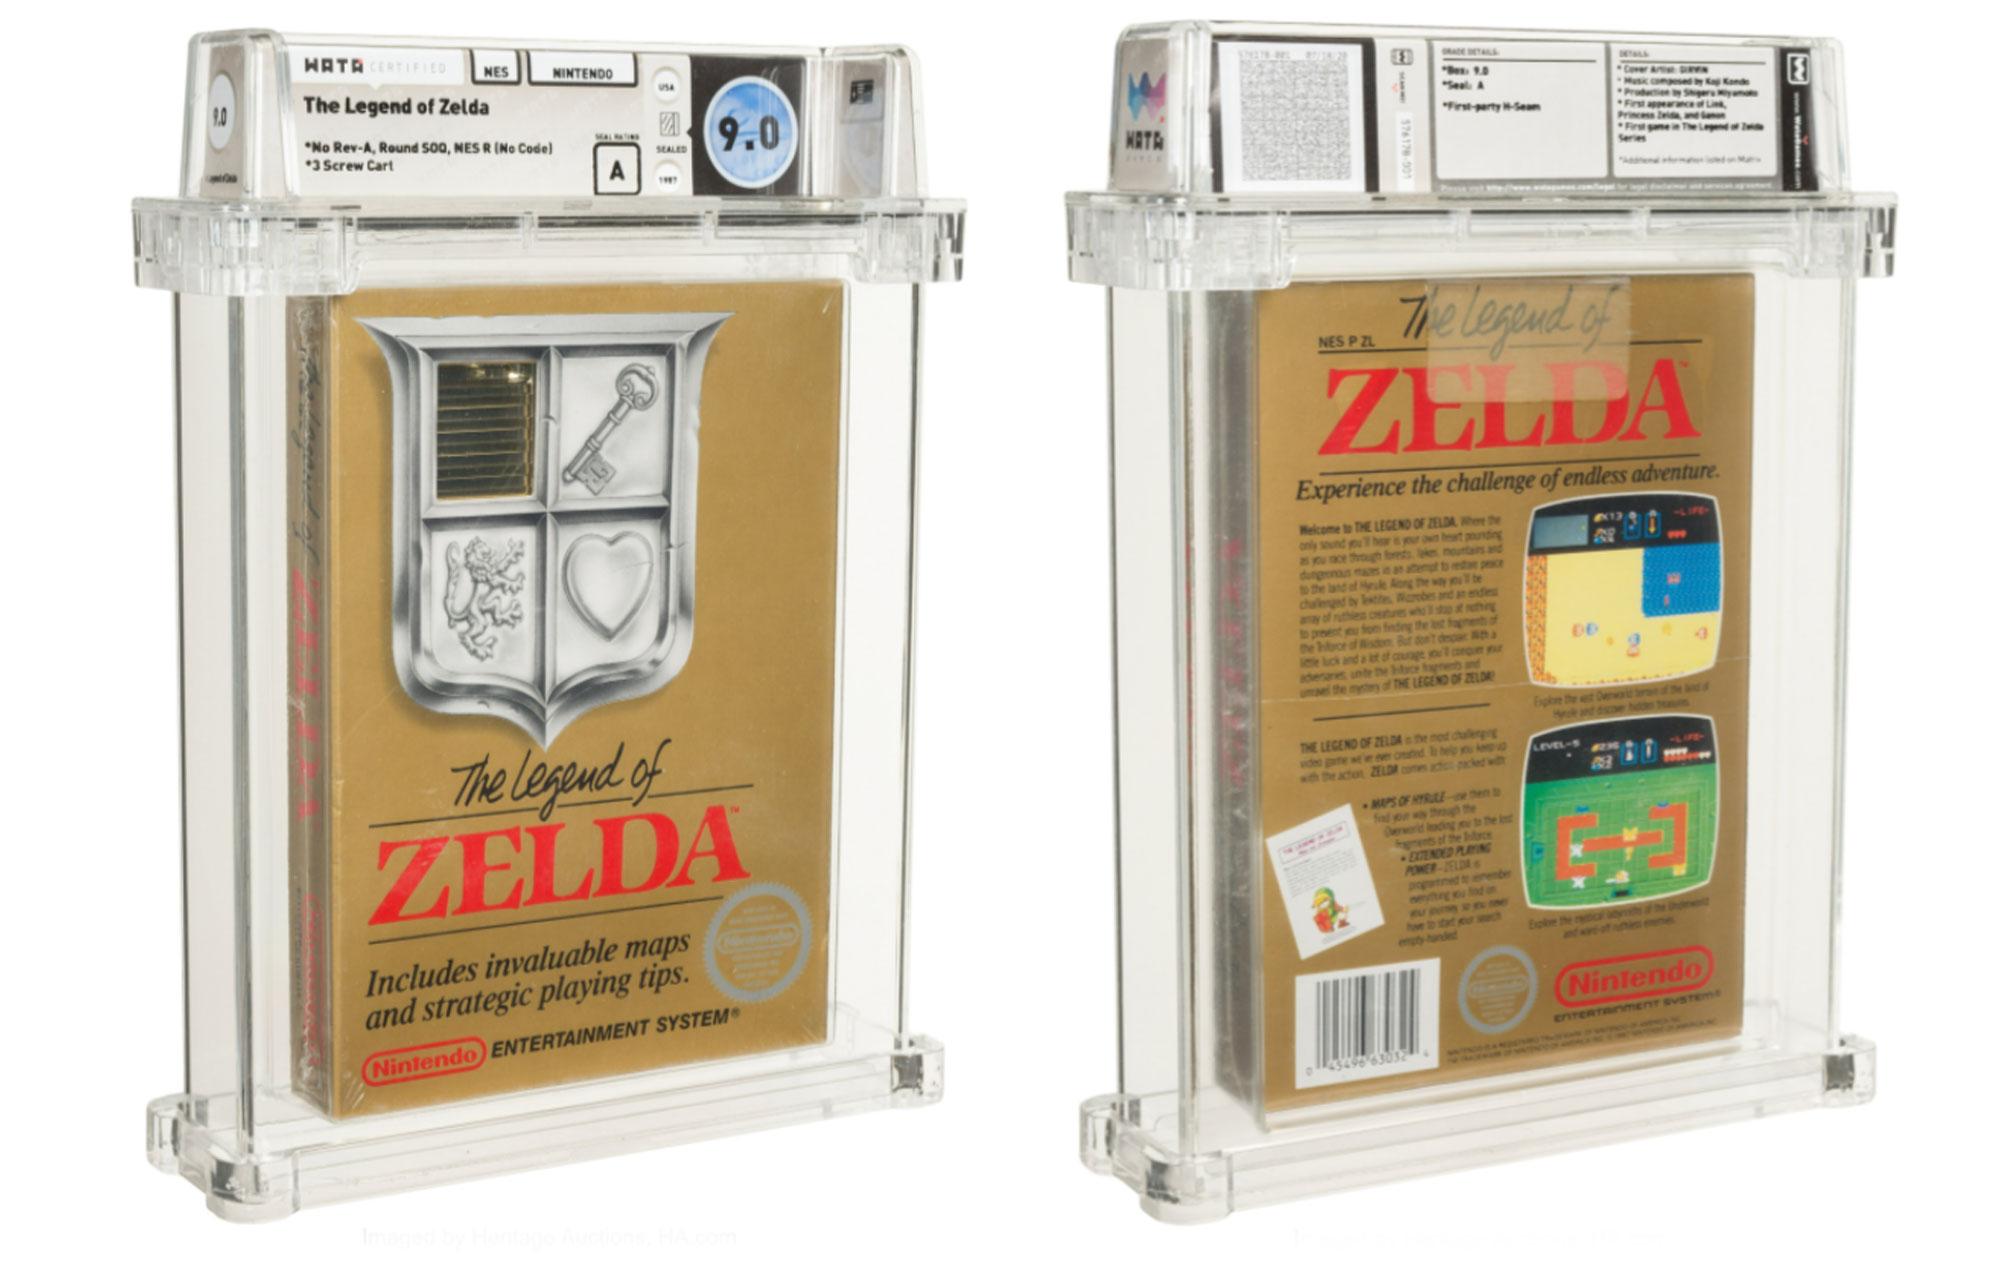 The Legend Of Zelda auction copy